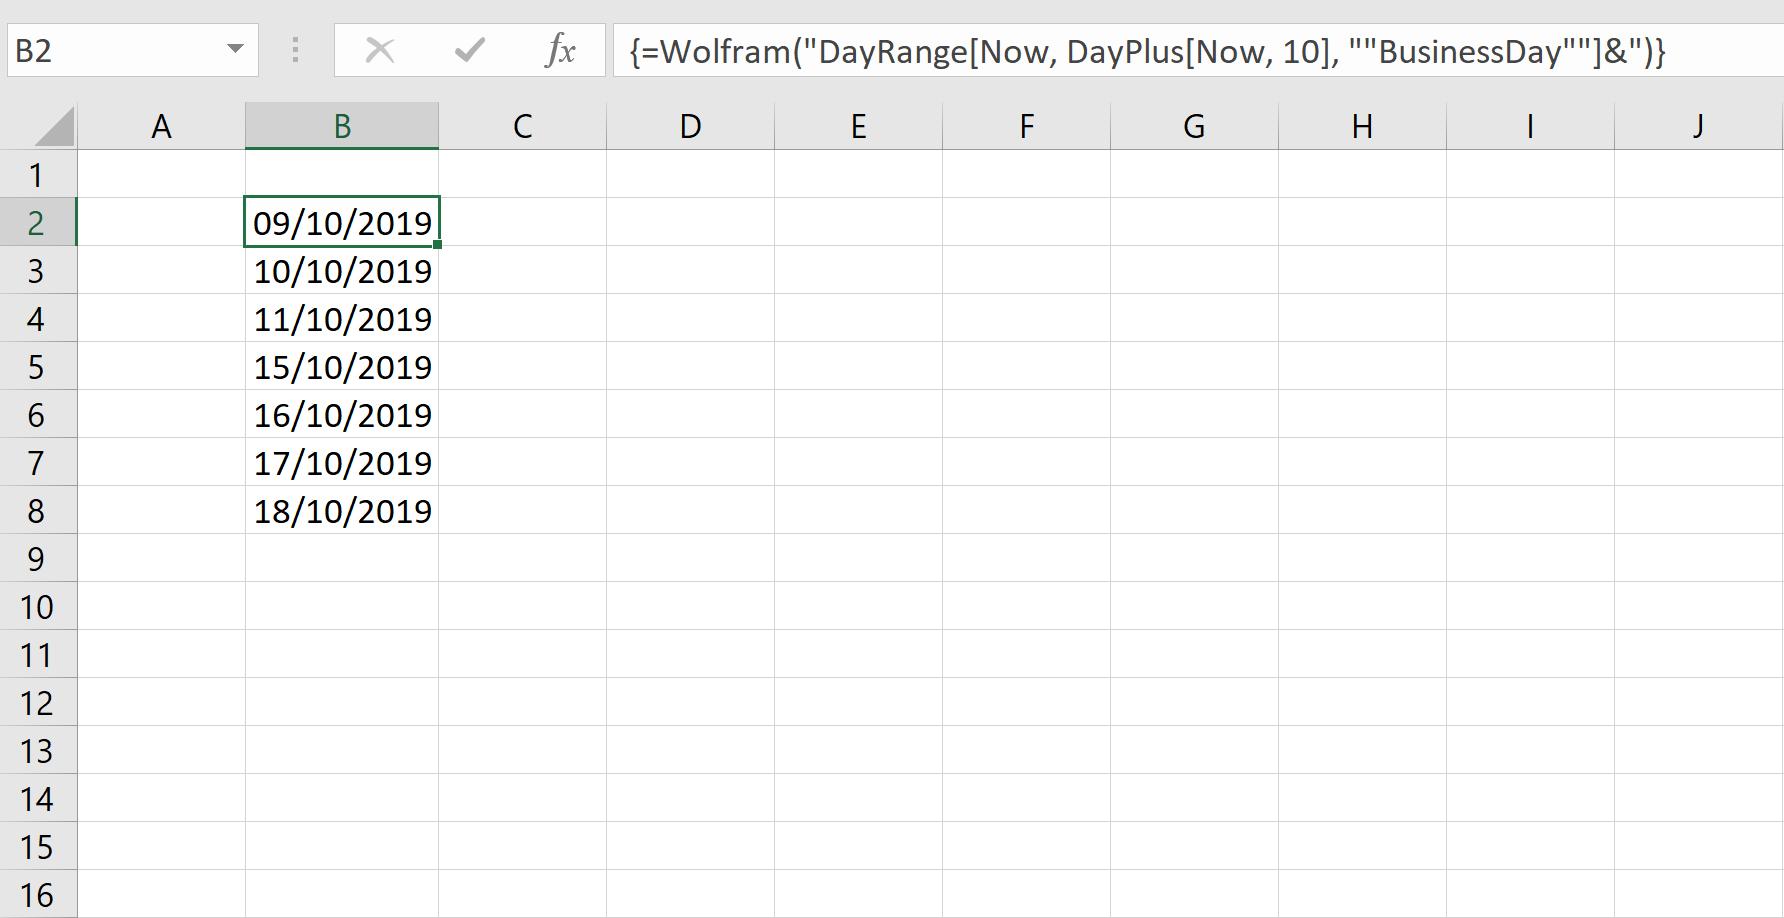 """=Wolfram(""""DayRange[Now, DayPlus[Now, 10], """"""""BusinessDay""""""""]&"""")"""